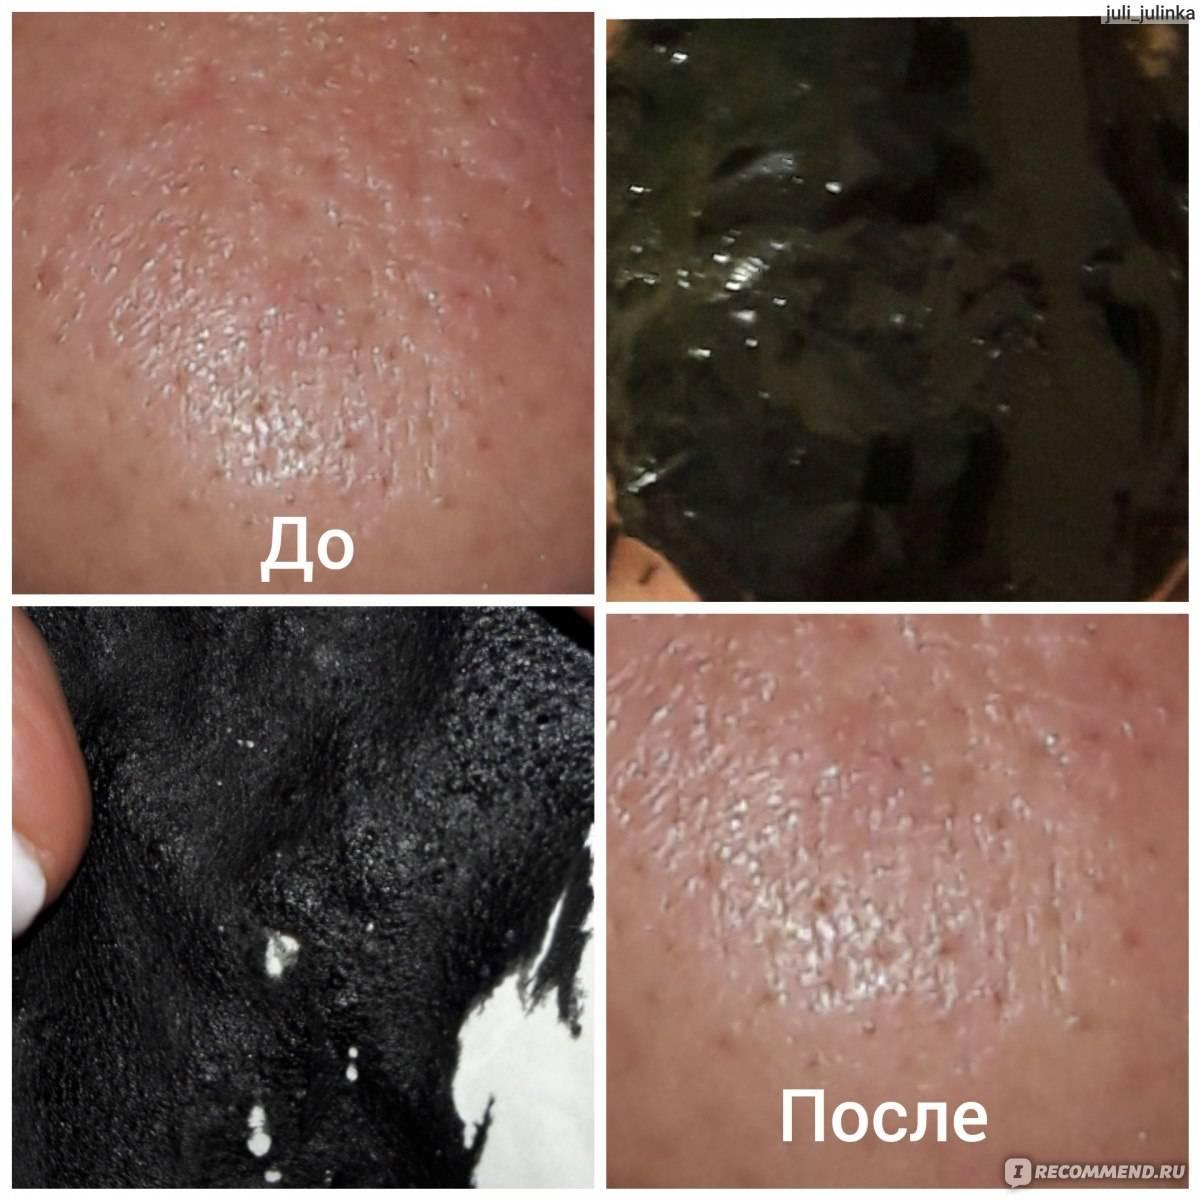 Желатин для лица: как влияет на кожу, как развести, сколько держать